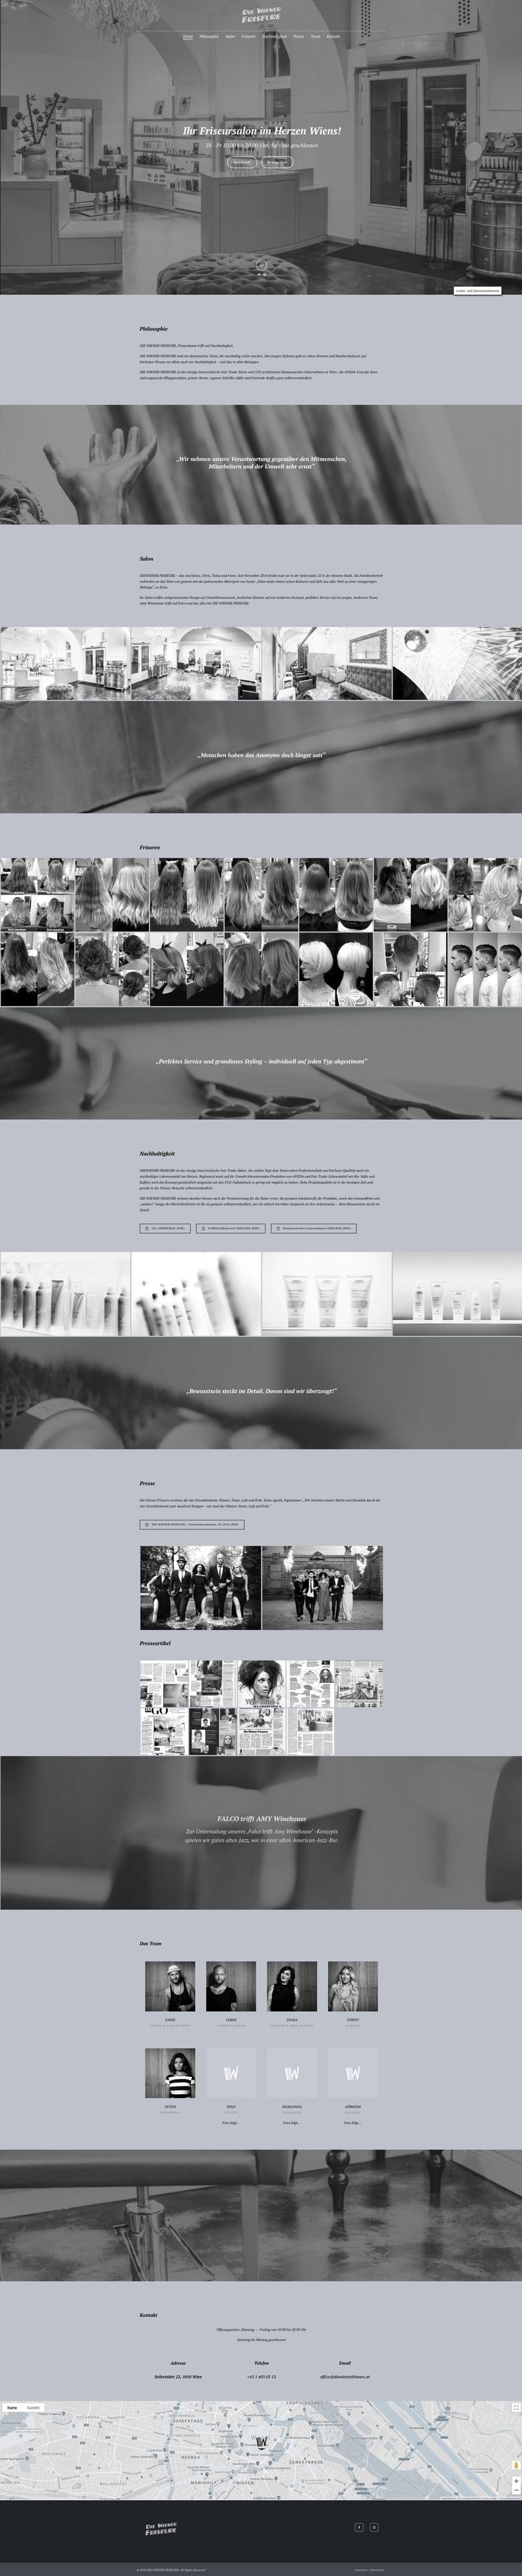 DIE-WIENER-FRISEURE-WEBSITE-ONEPAGER-by-PiKSEL